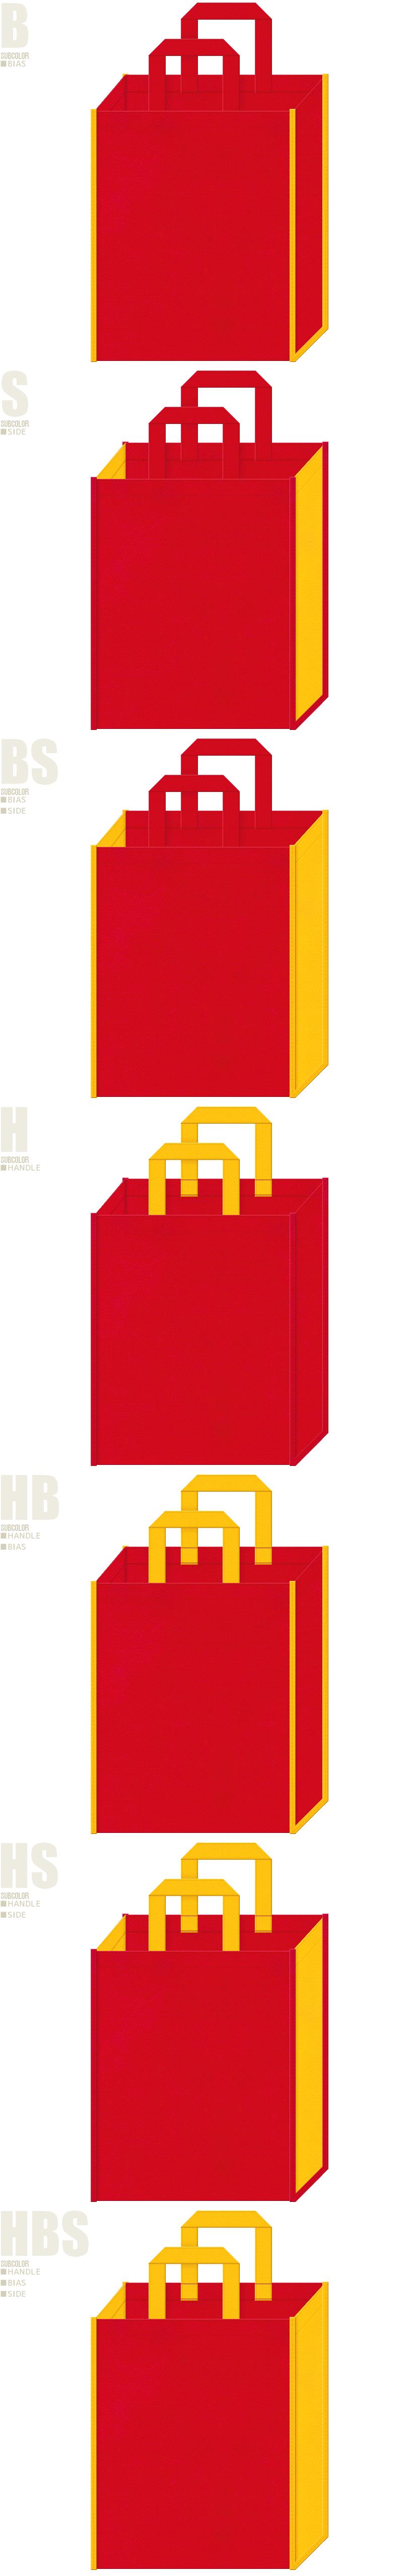 不織布トートバッグのデザイン:キッズ向けのショッピングバッグにお奨めです。